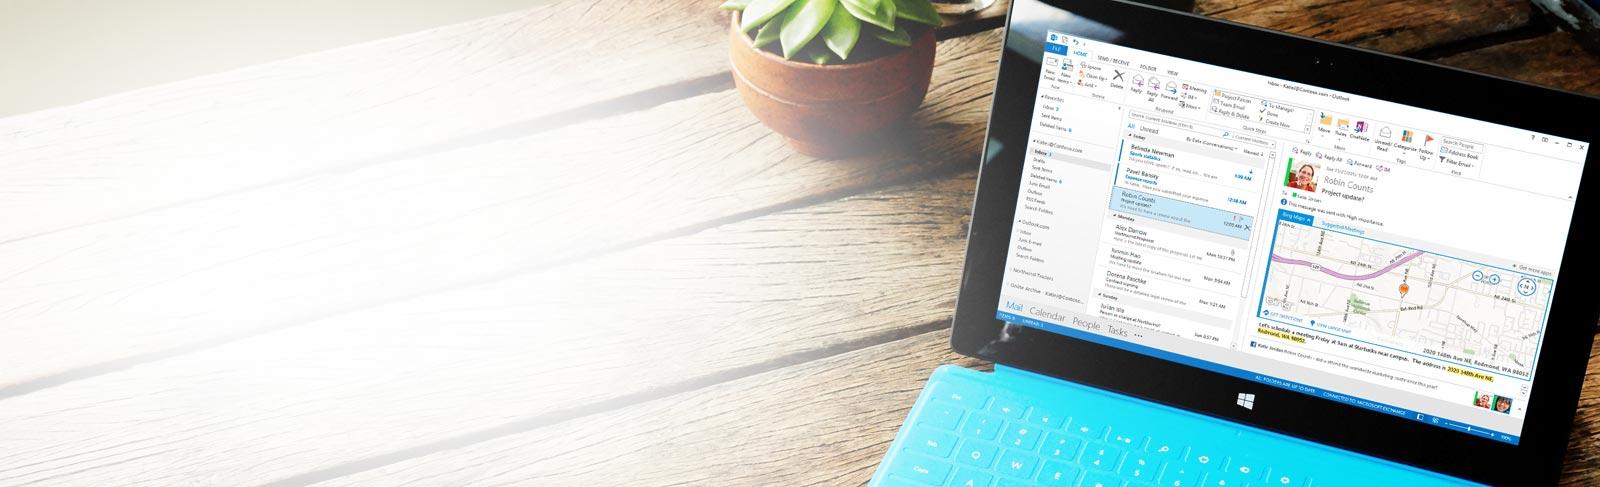 메시지 목록 및 미리 보기가 있는 Microsoft Outlook 2013 받은 편지함을 보여 주는 태블릿입니다.